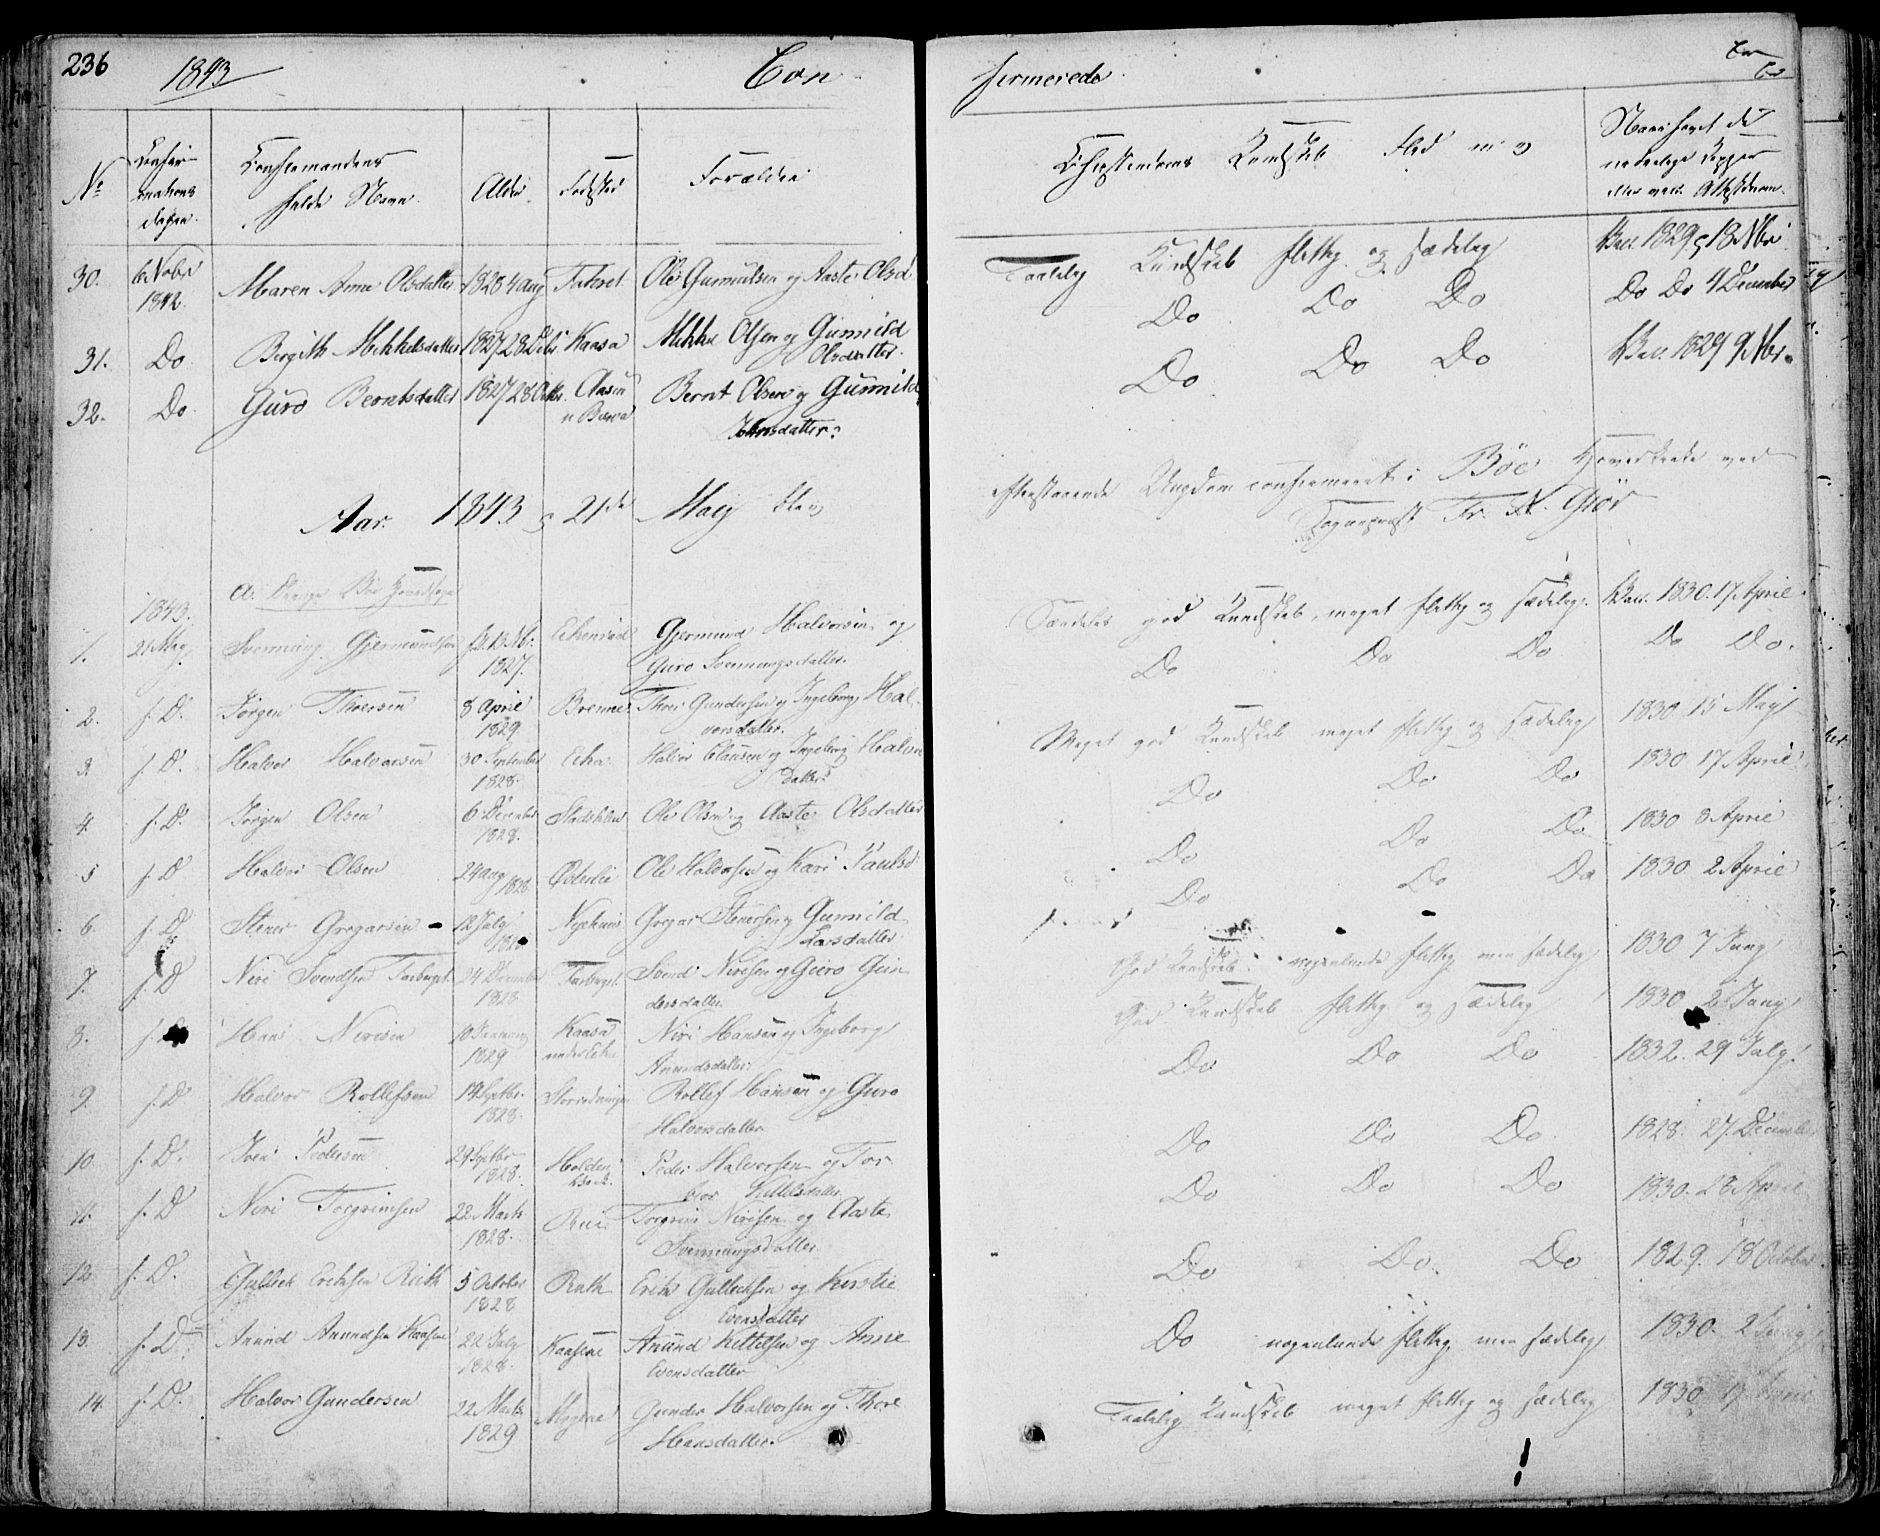 SAKO, Bø kirkebøker, F/Fa/L0007: Ministerialbok nr. 7, 1831-1848, s. 236